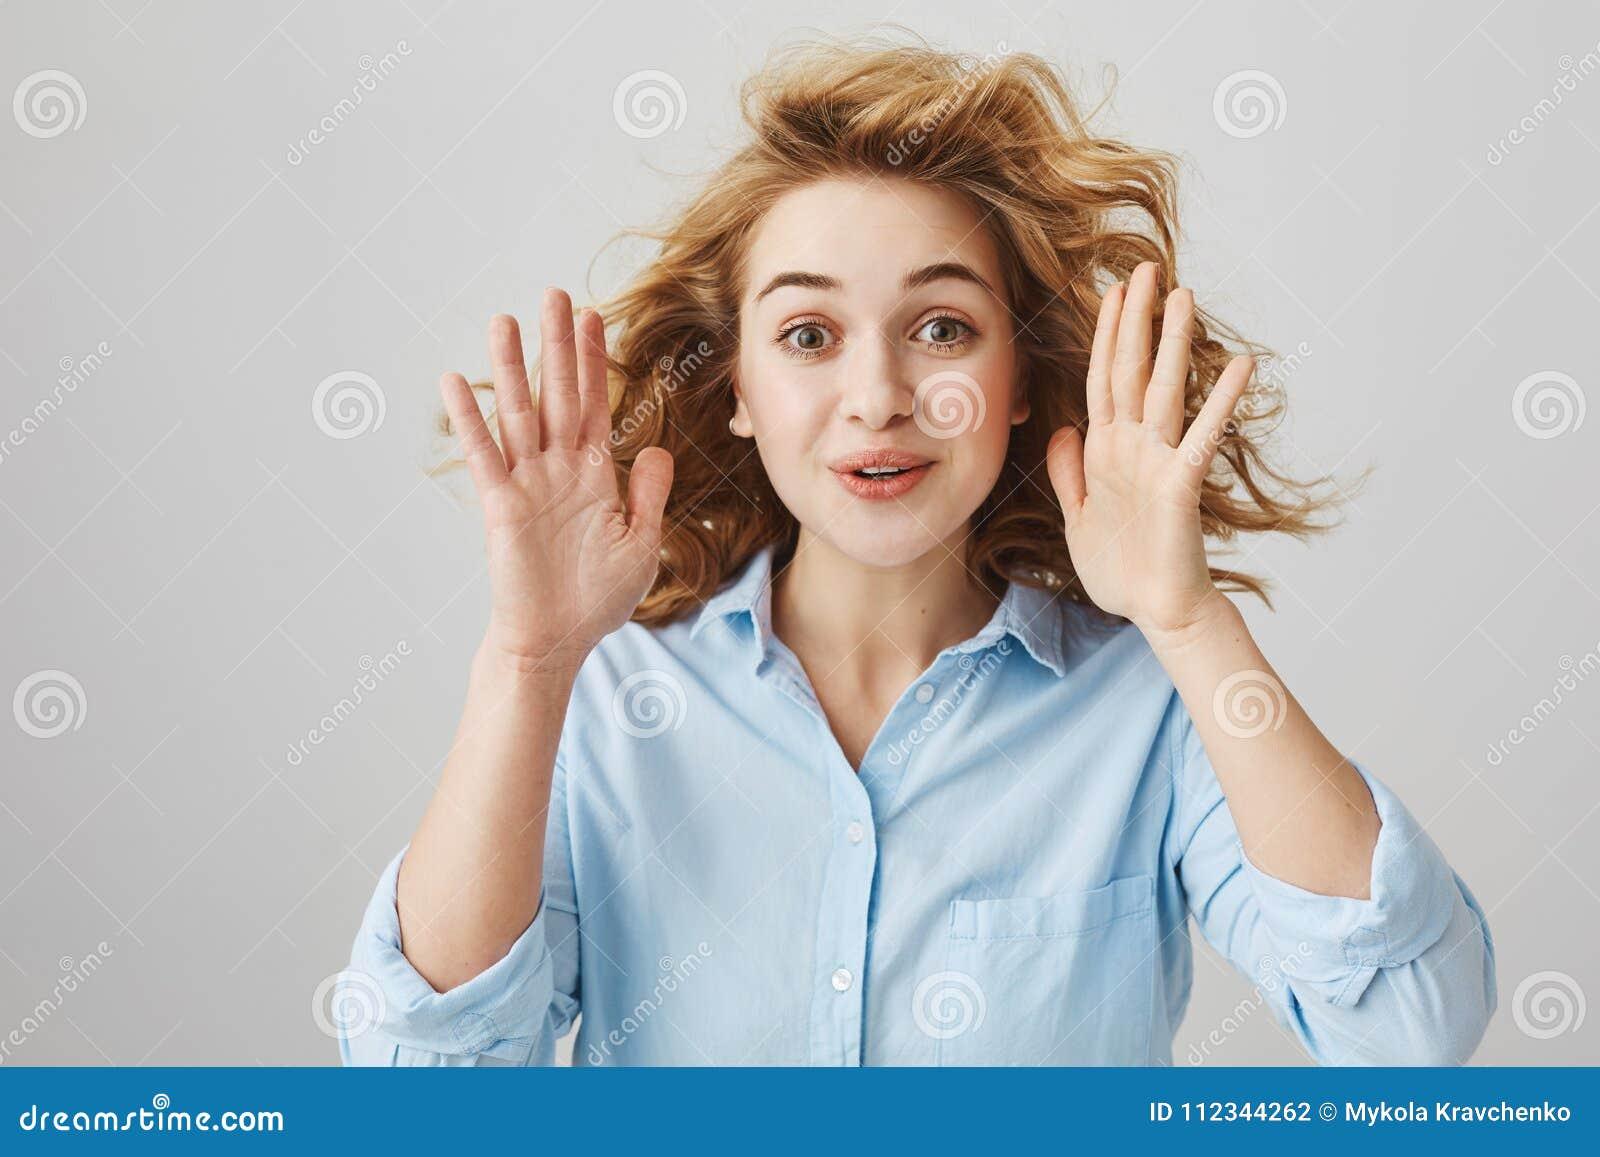 Studioportret van mooie grappige vrouw met krullend palmen opheffen dichtbij gezicht en haar die alsof weinig onderhoudend glimla